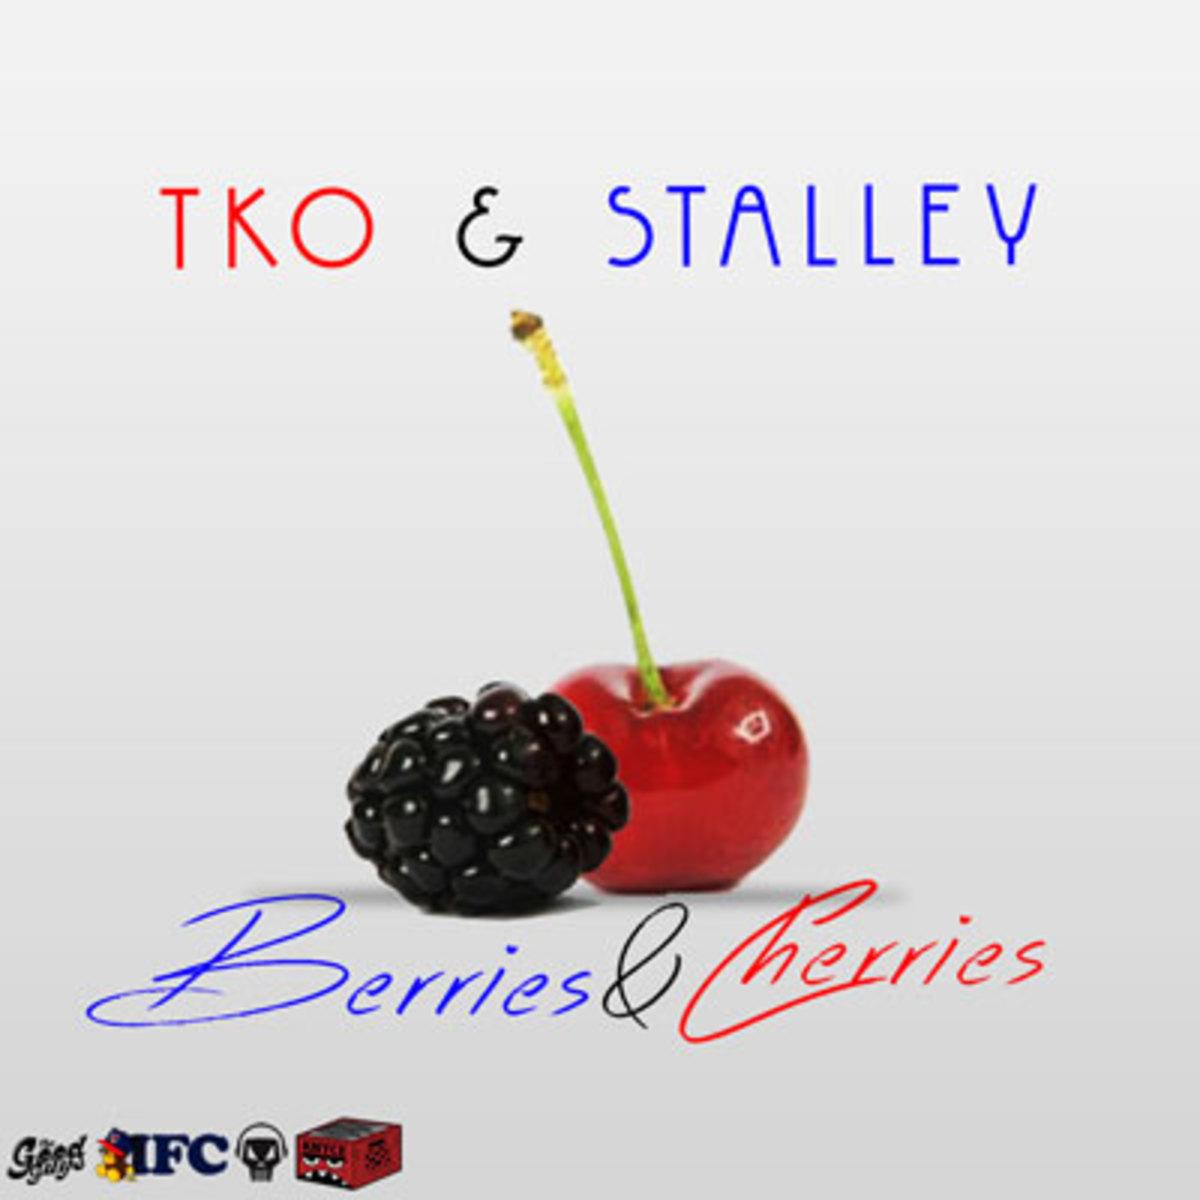 tko-berriescherries.jpg